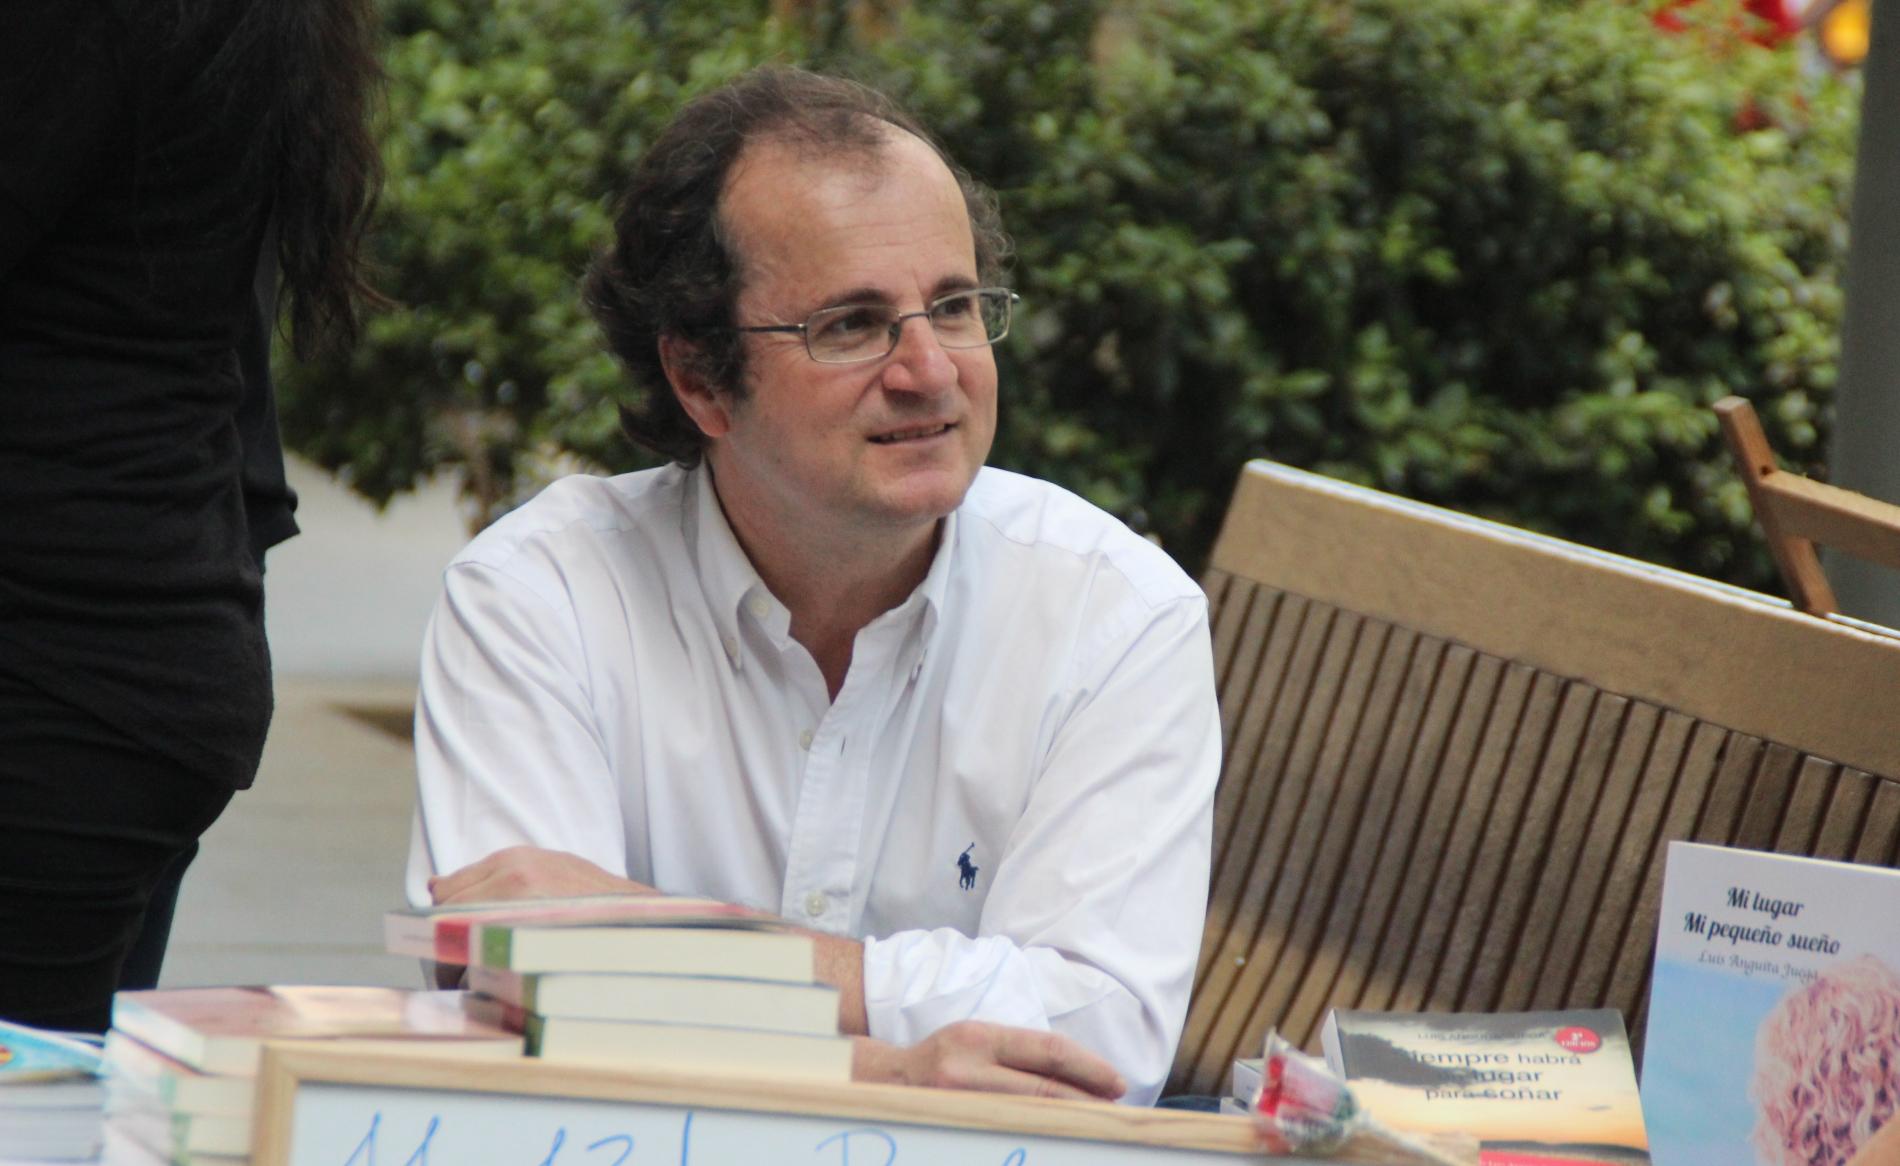 Luis Anguita Juega rechaza el separatismo y el pesimismo.